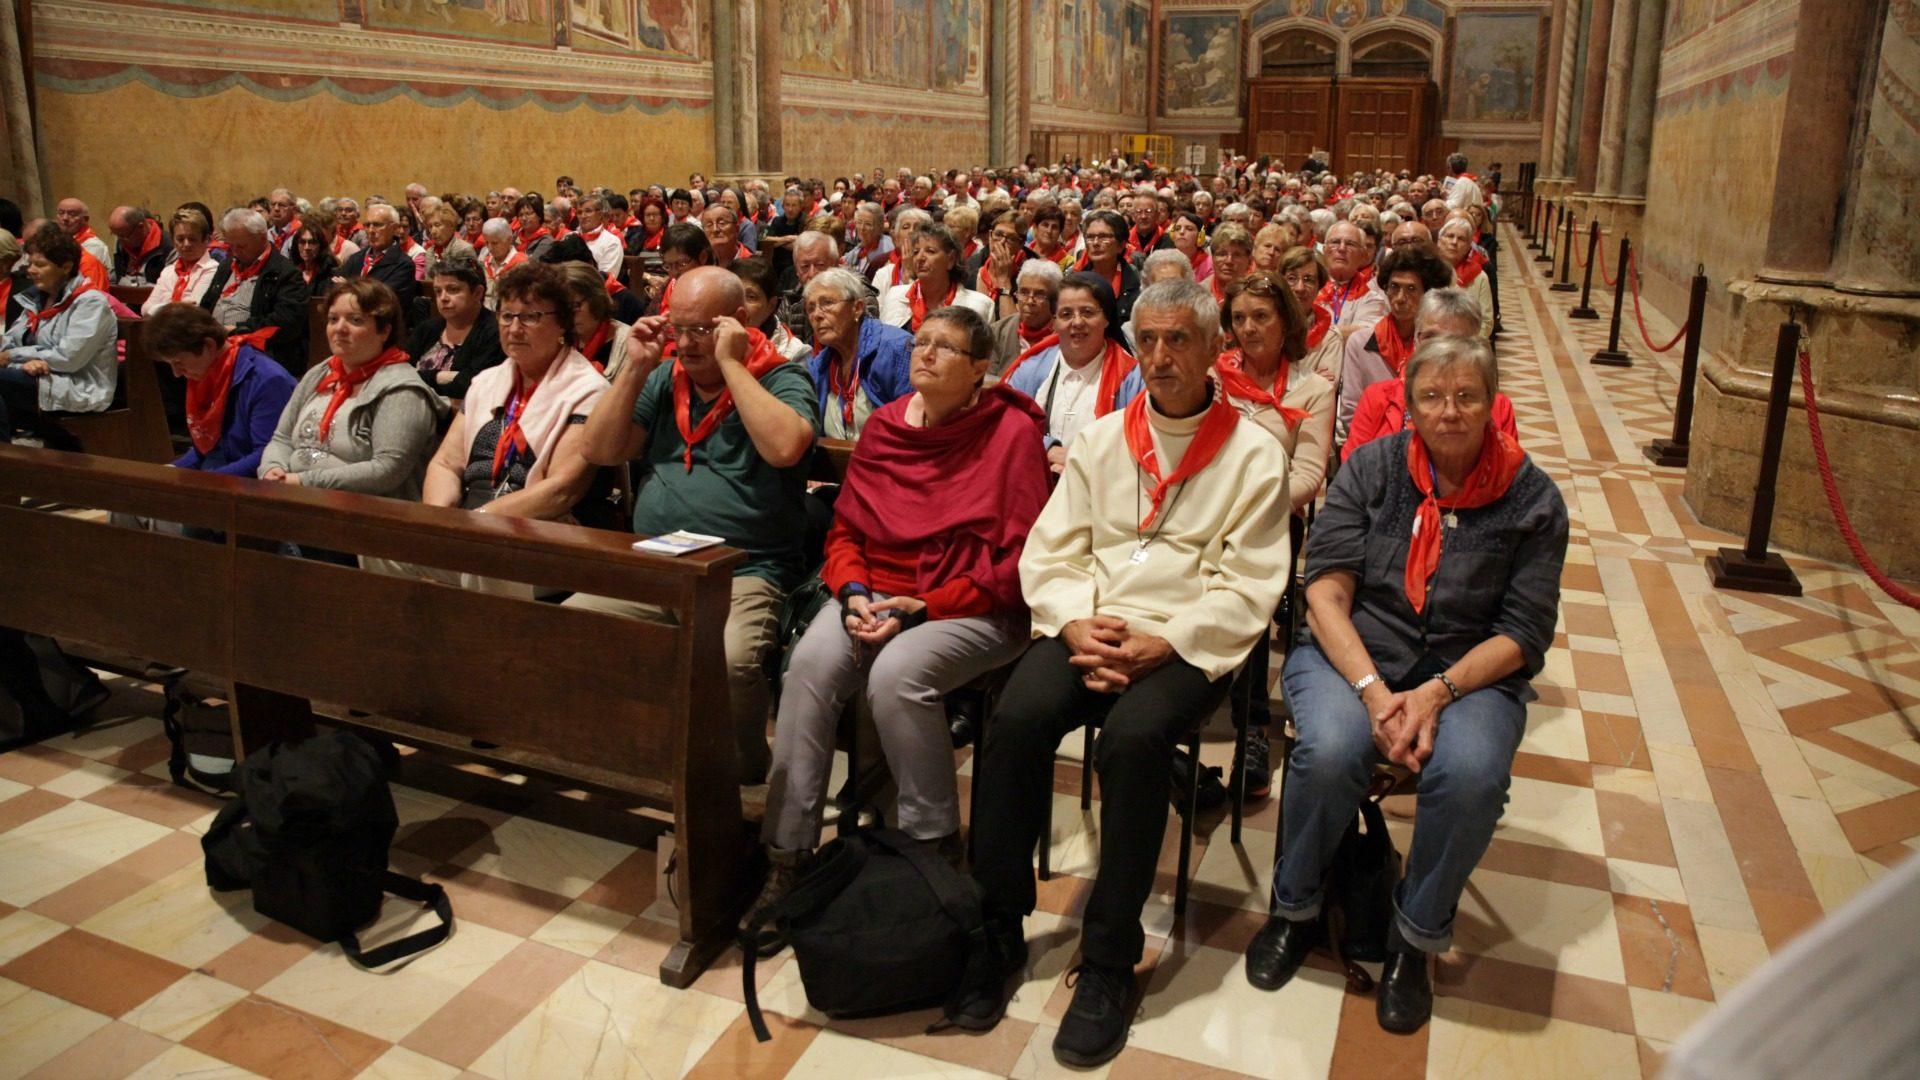 400 pèlerins et Mgr Jean-Marie Lovey, évêque de Sion, ont assisté à la célébration à la basilique Saint-François d'Assise. (Photo: B. Hallet)